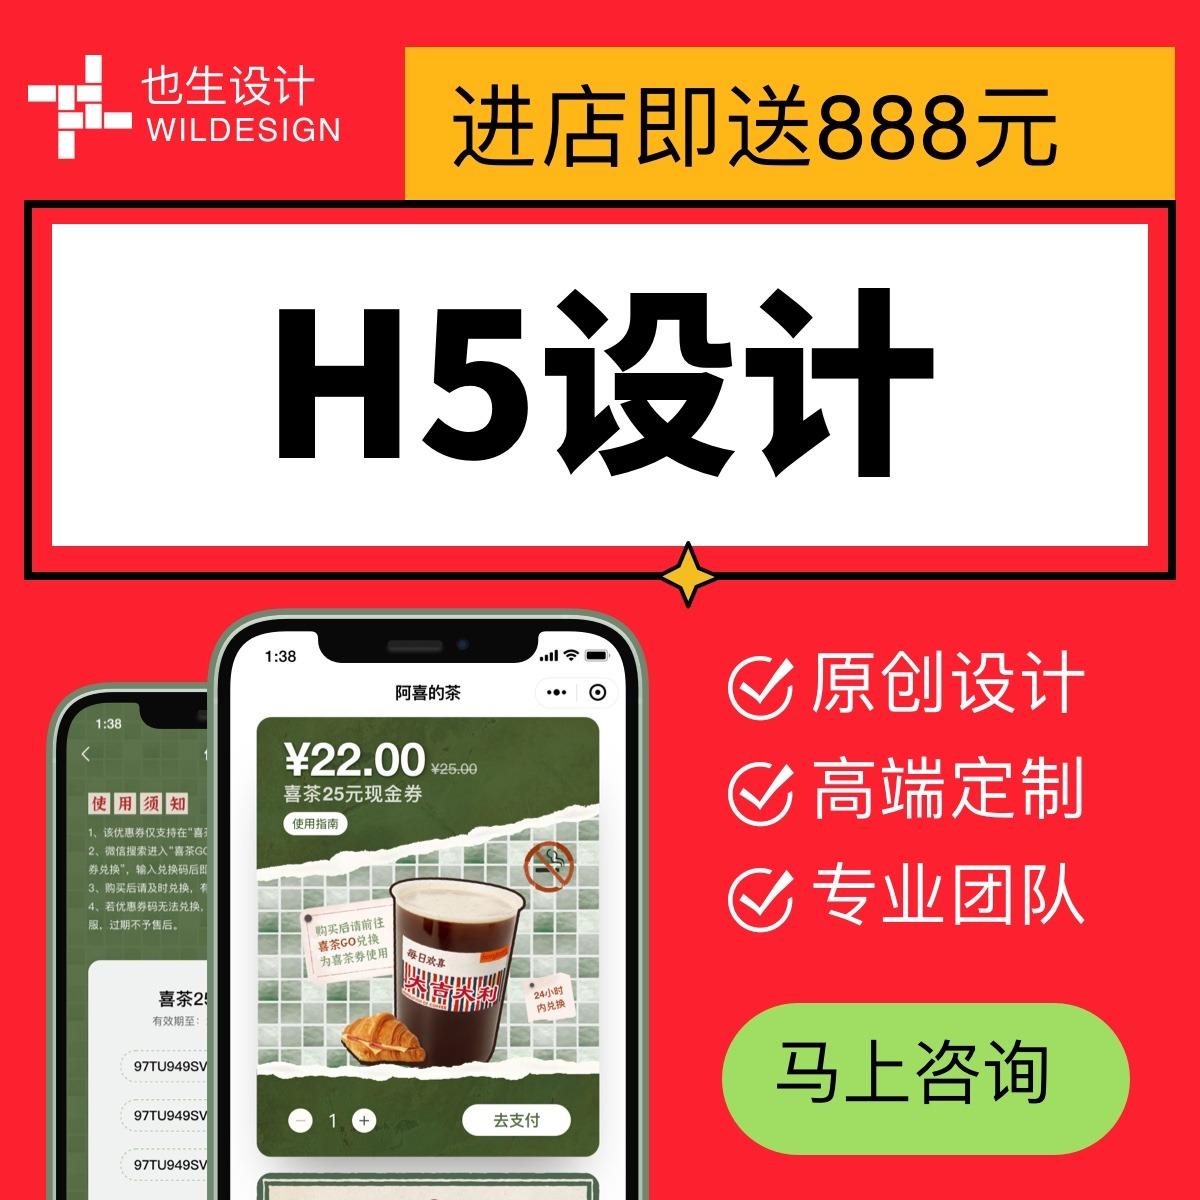 【H5设计】高端定制/模版H5/图标设计/字体设计/动效设计